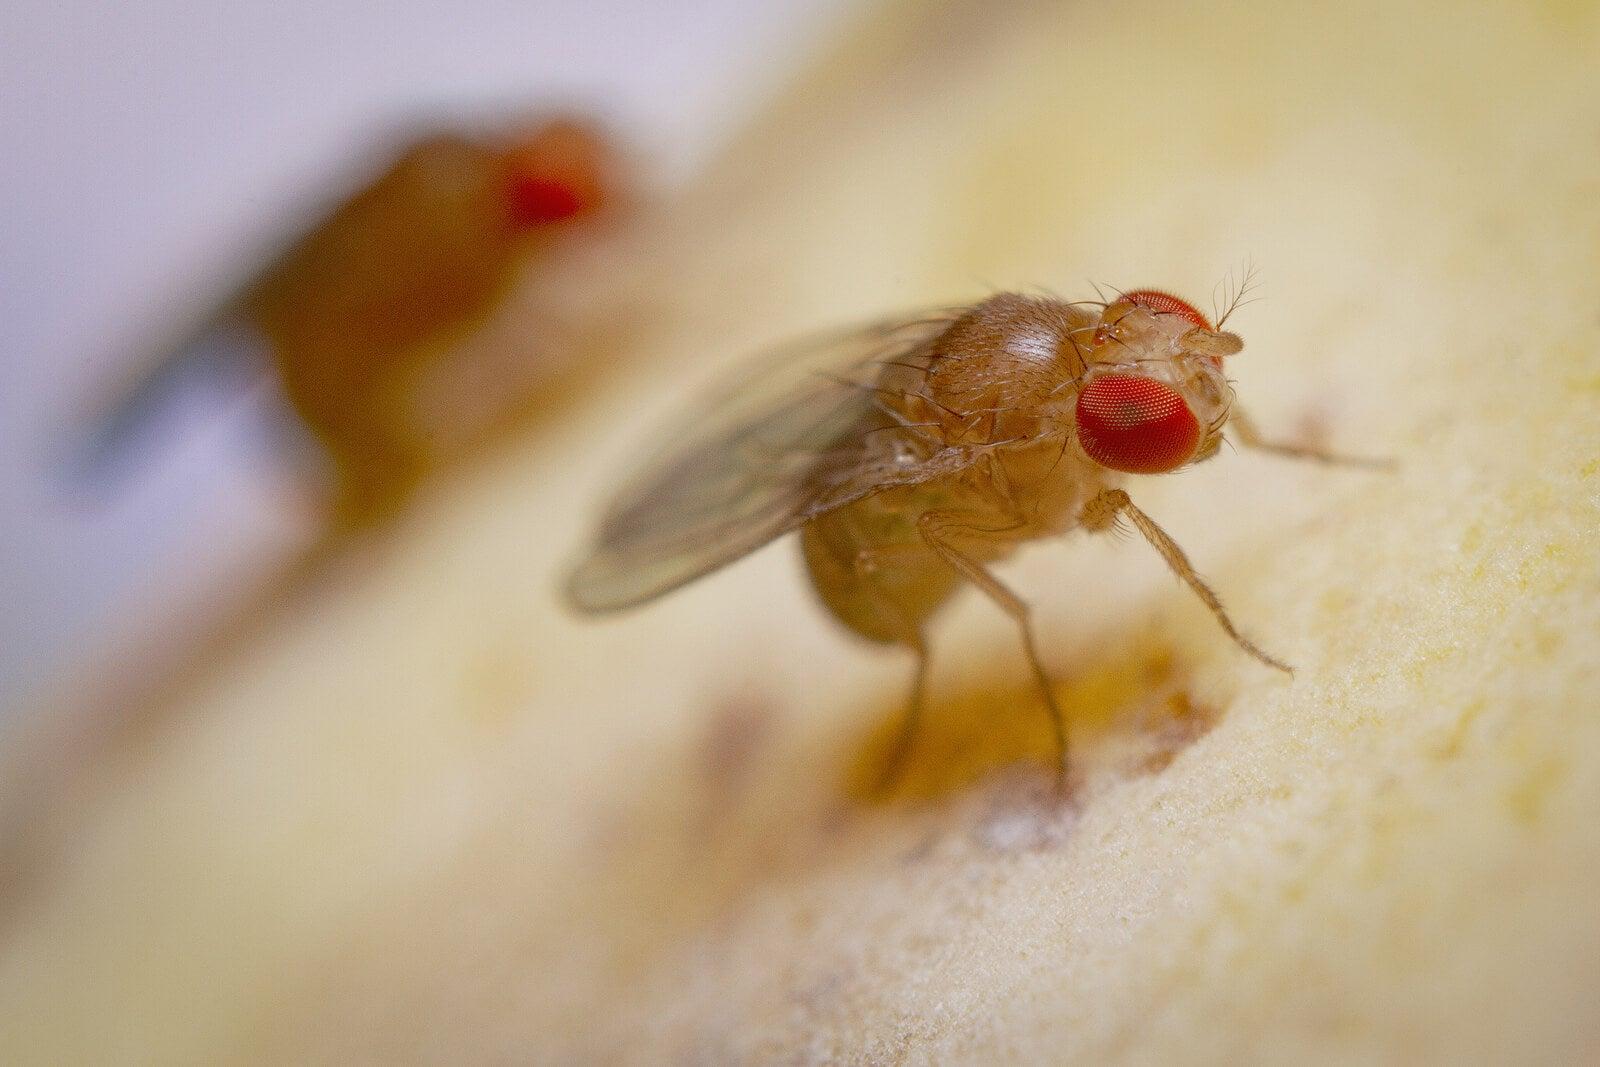 Los signos y síntomas de la miasis varían según la especie de mosca causante.